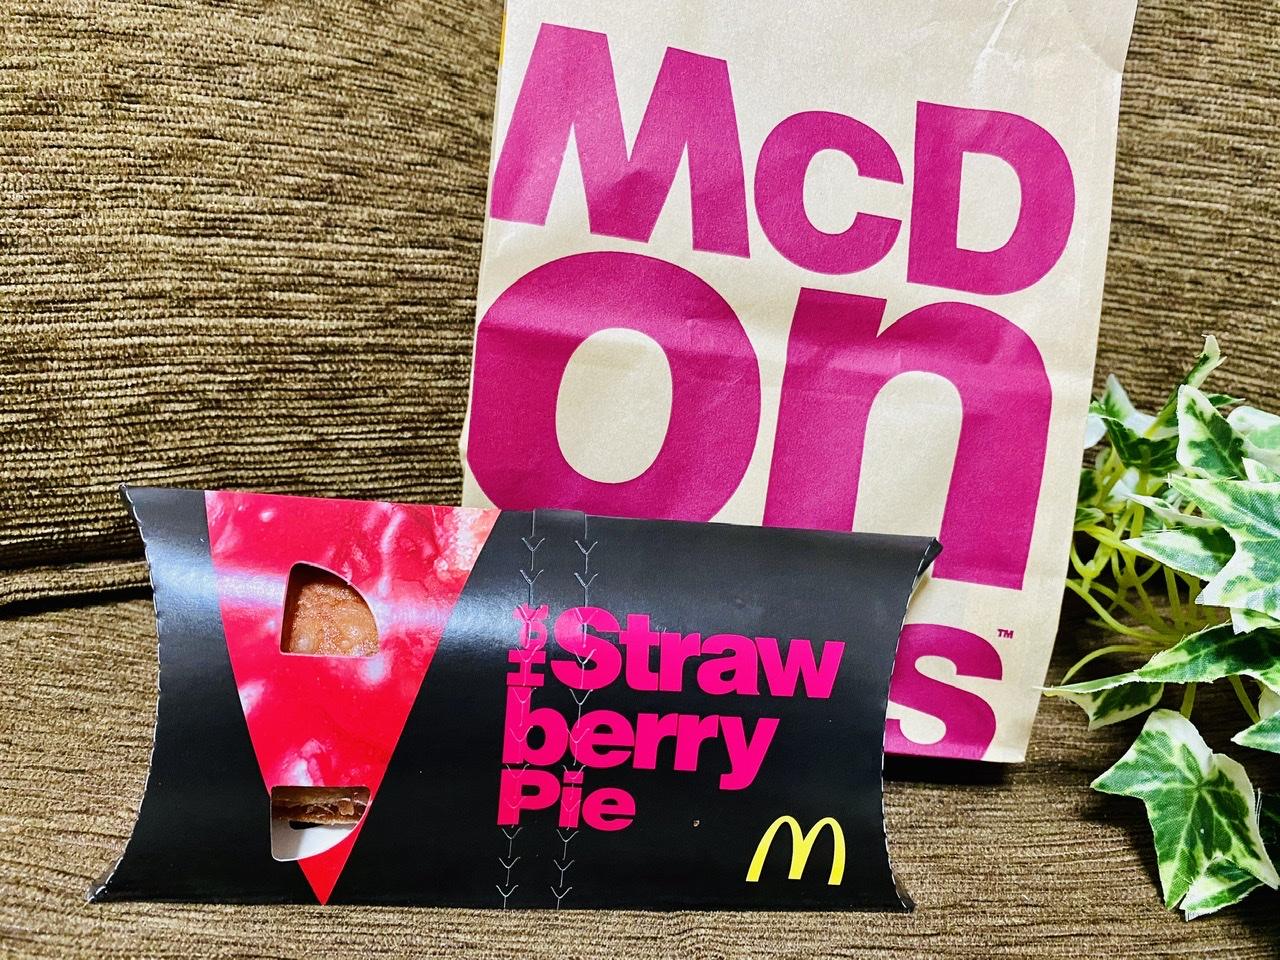 【マクドナルド】あの定番スイーツにイチゴ味!《ホットストロベリーパイ》が絶妙すぎる美味しさ♡_1